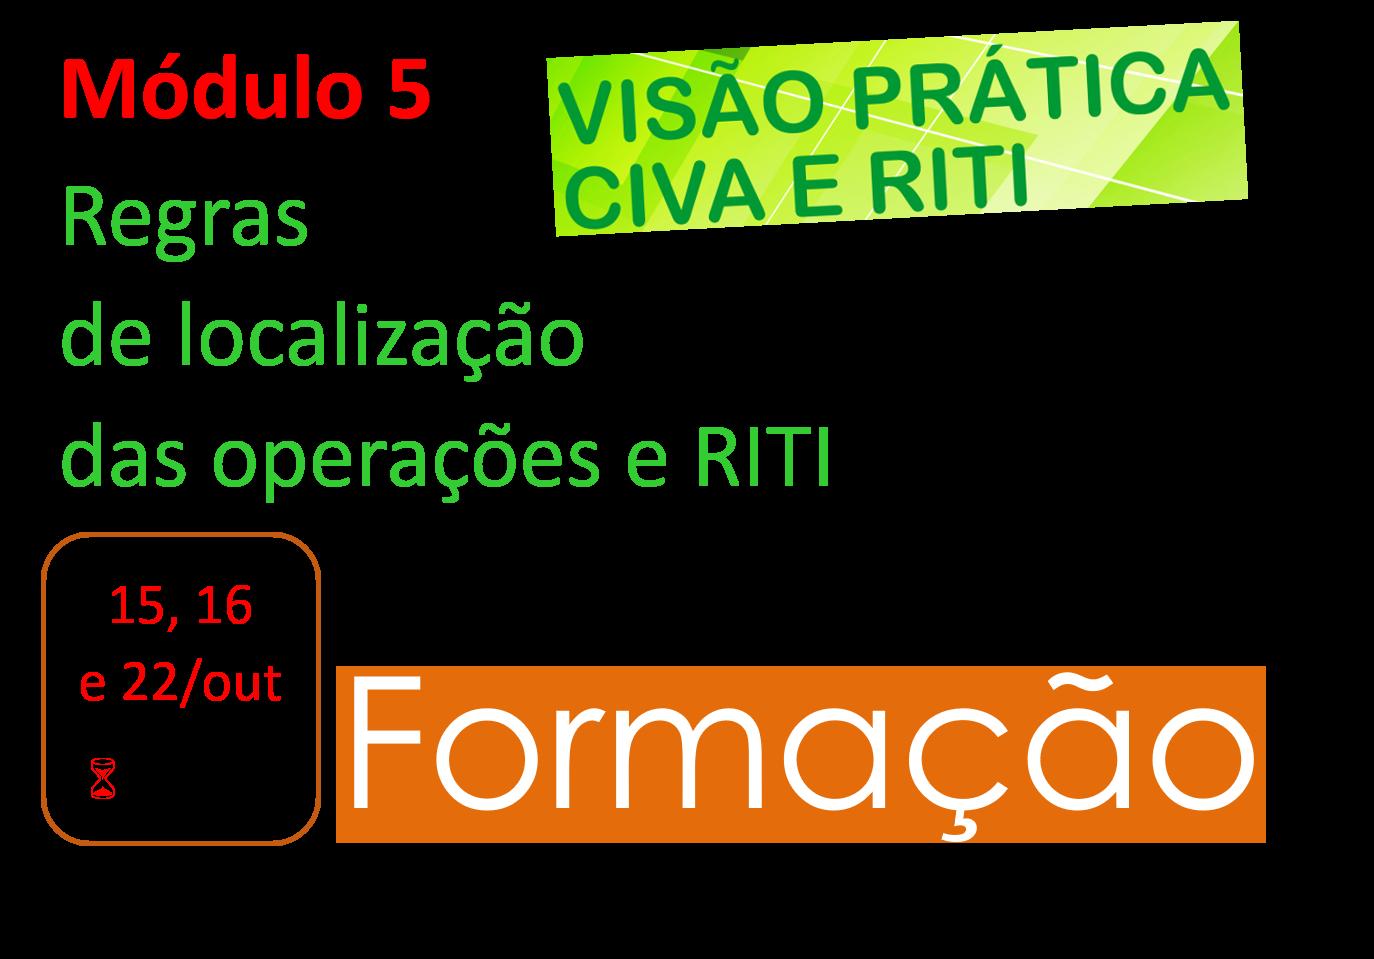 CIVA & RITI |  Módulo 5 – Regras de localização das operações e RITI